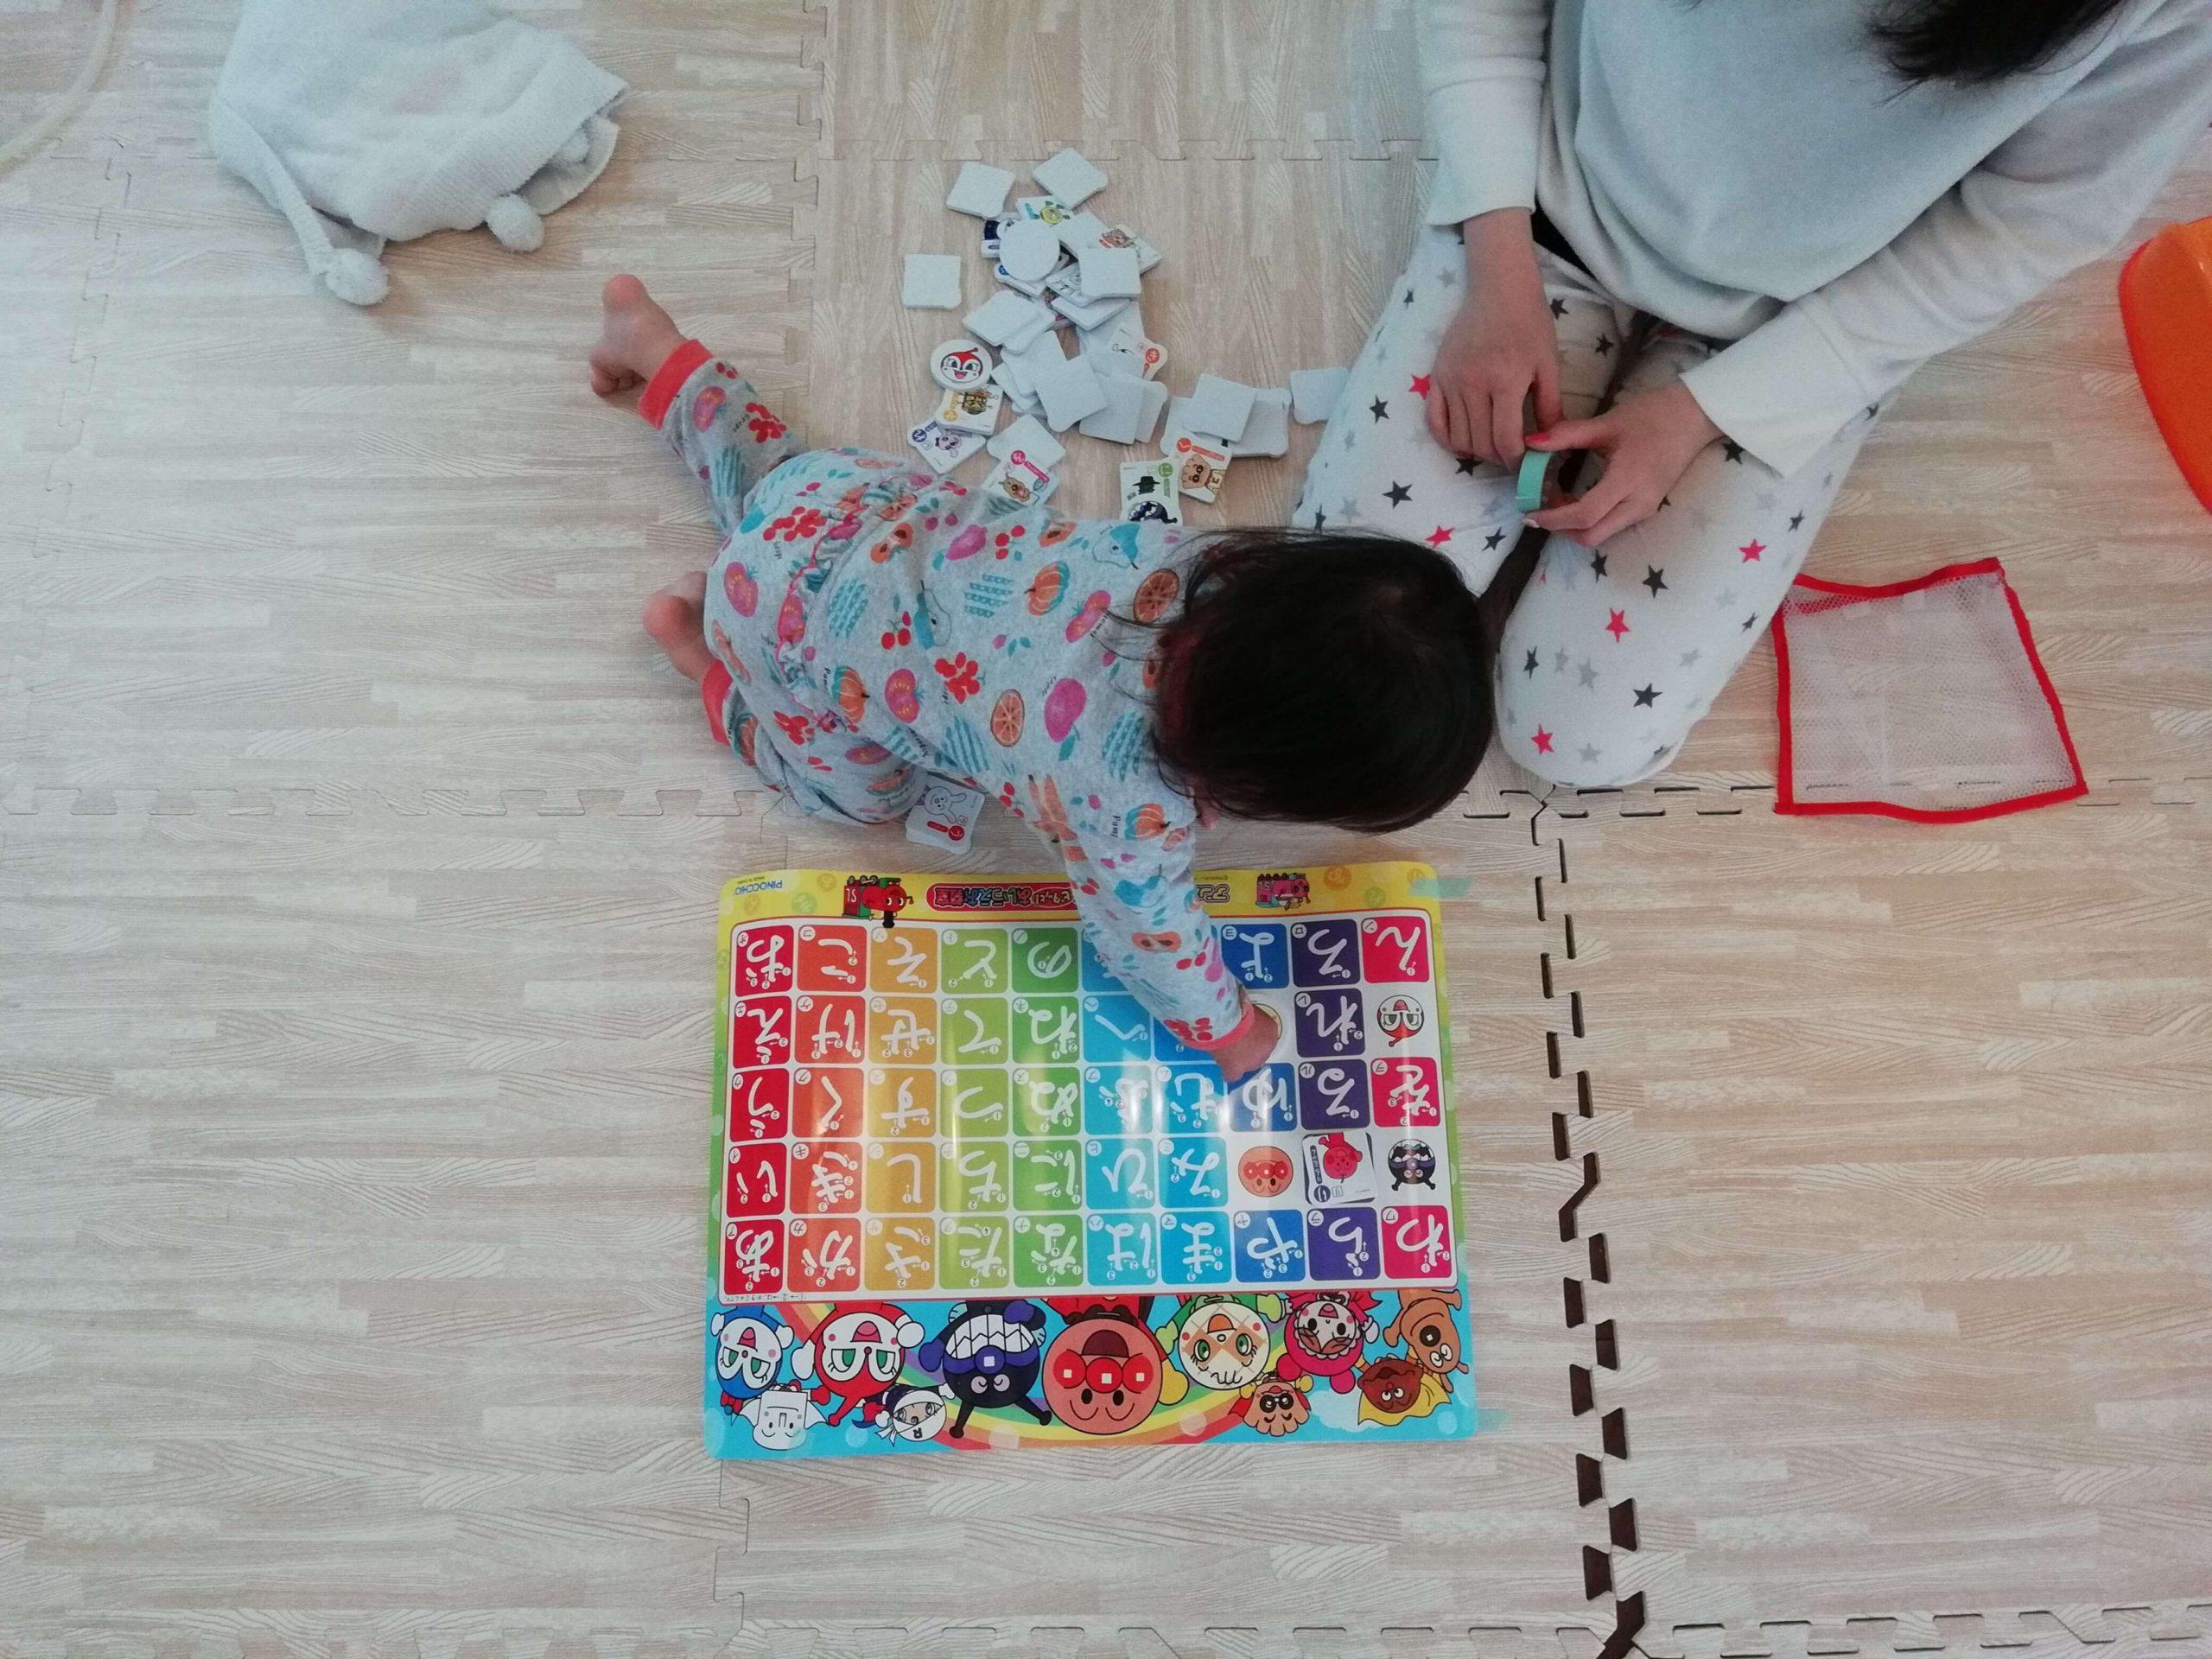 2歳でひらがな読みをマスターできる2,000円の玩具